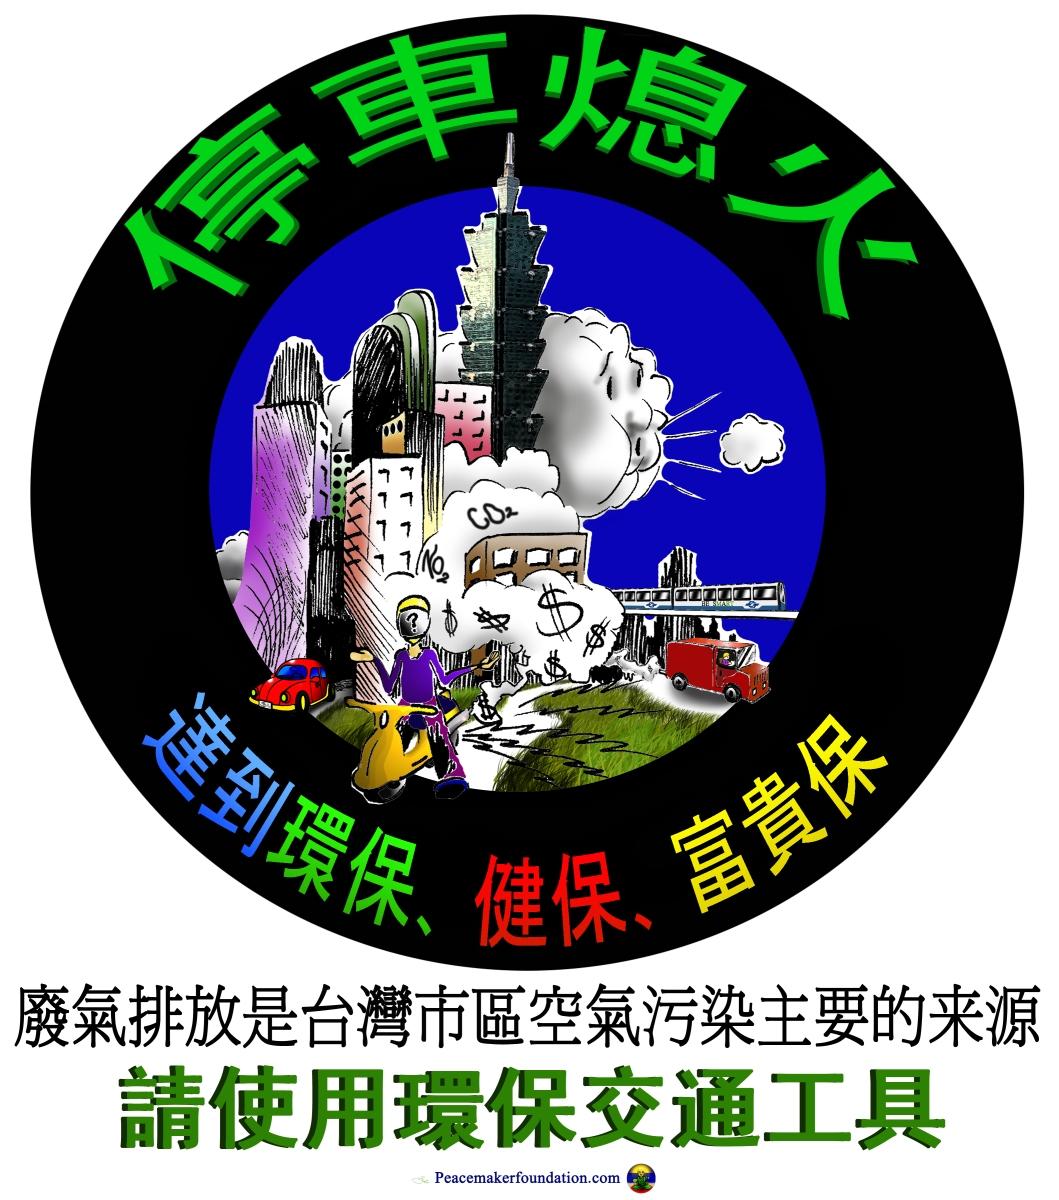 '停車熄火'+'環保交通' 貼紙或海報漫畫 (台灣市區) Stop engine idling cartoon